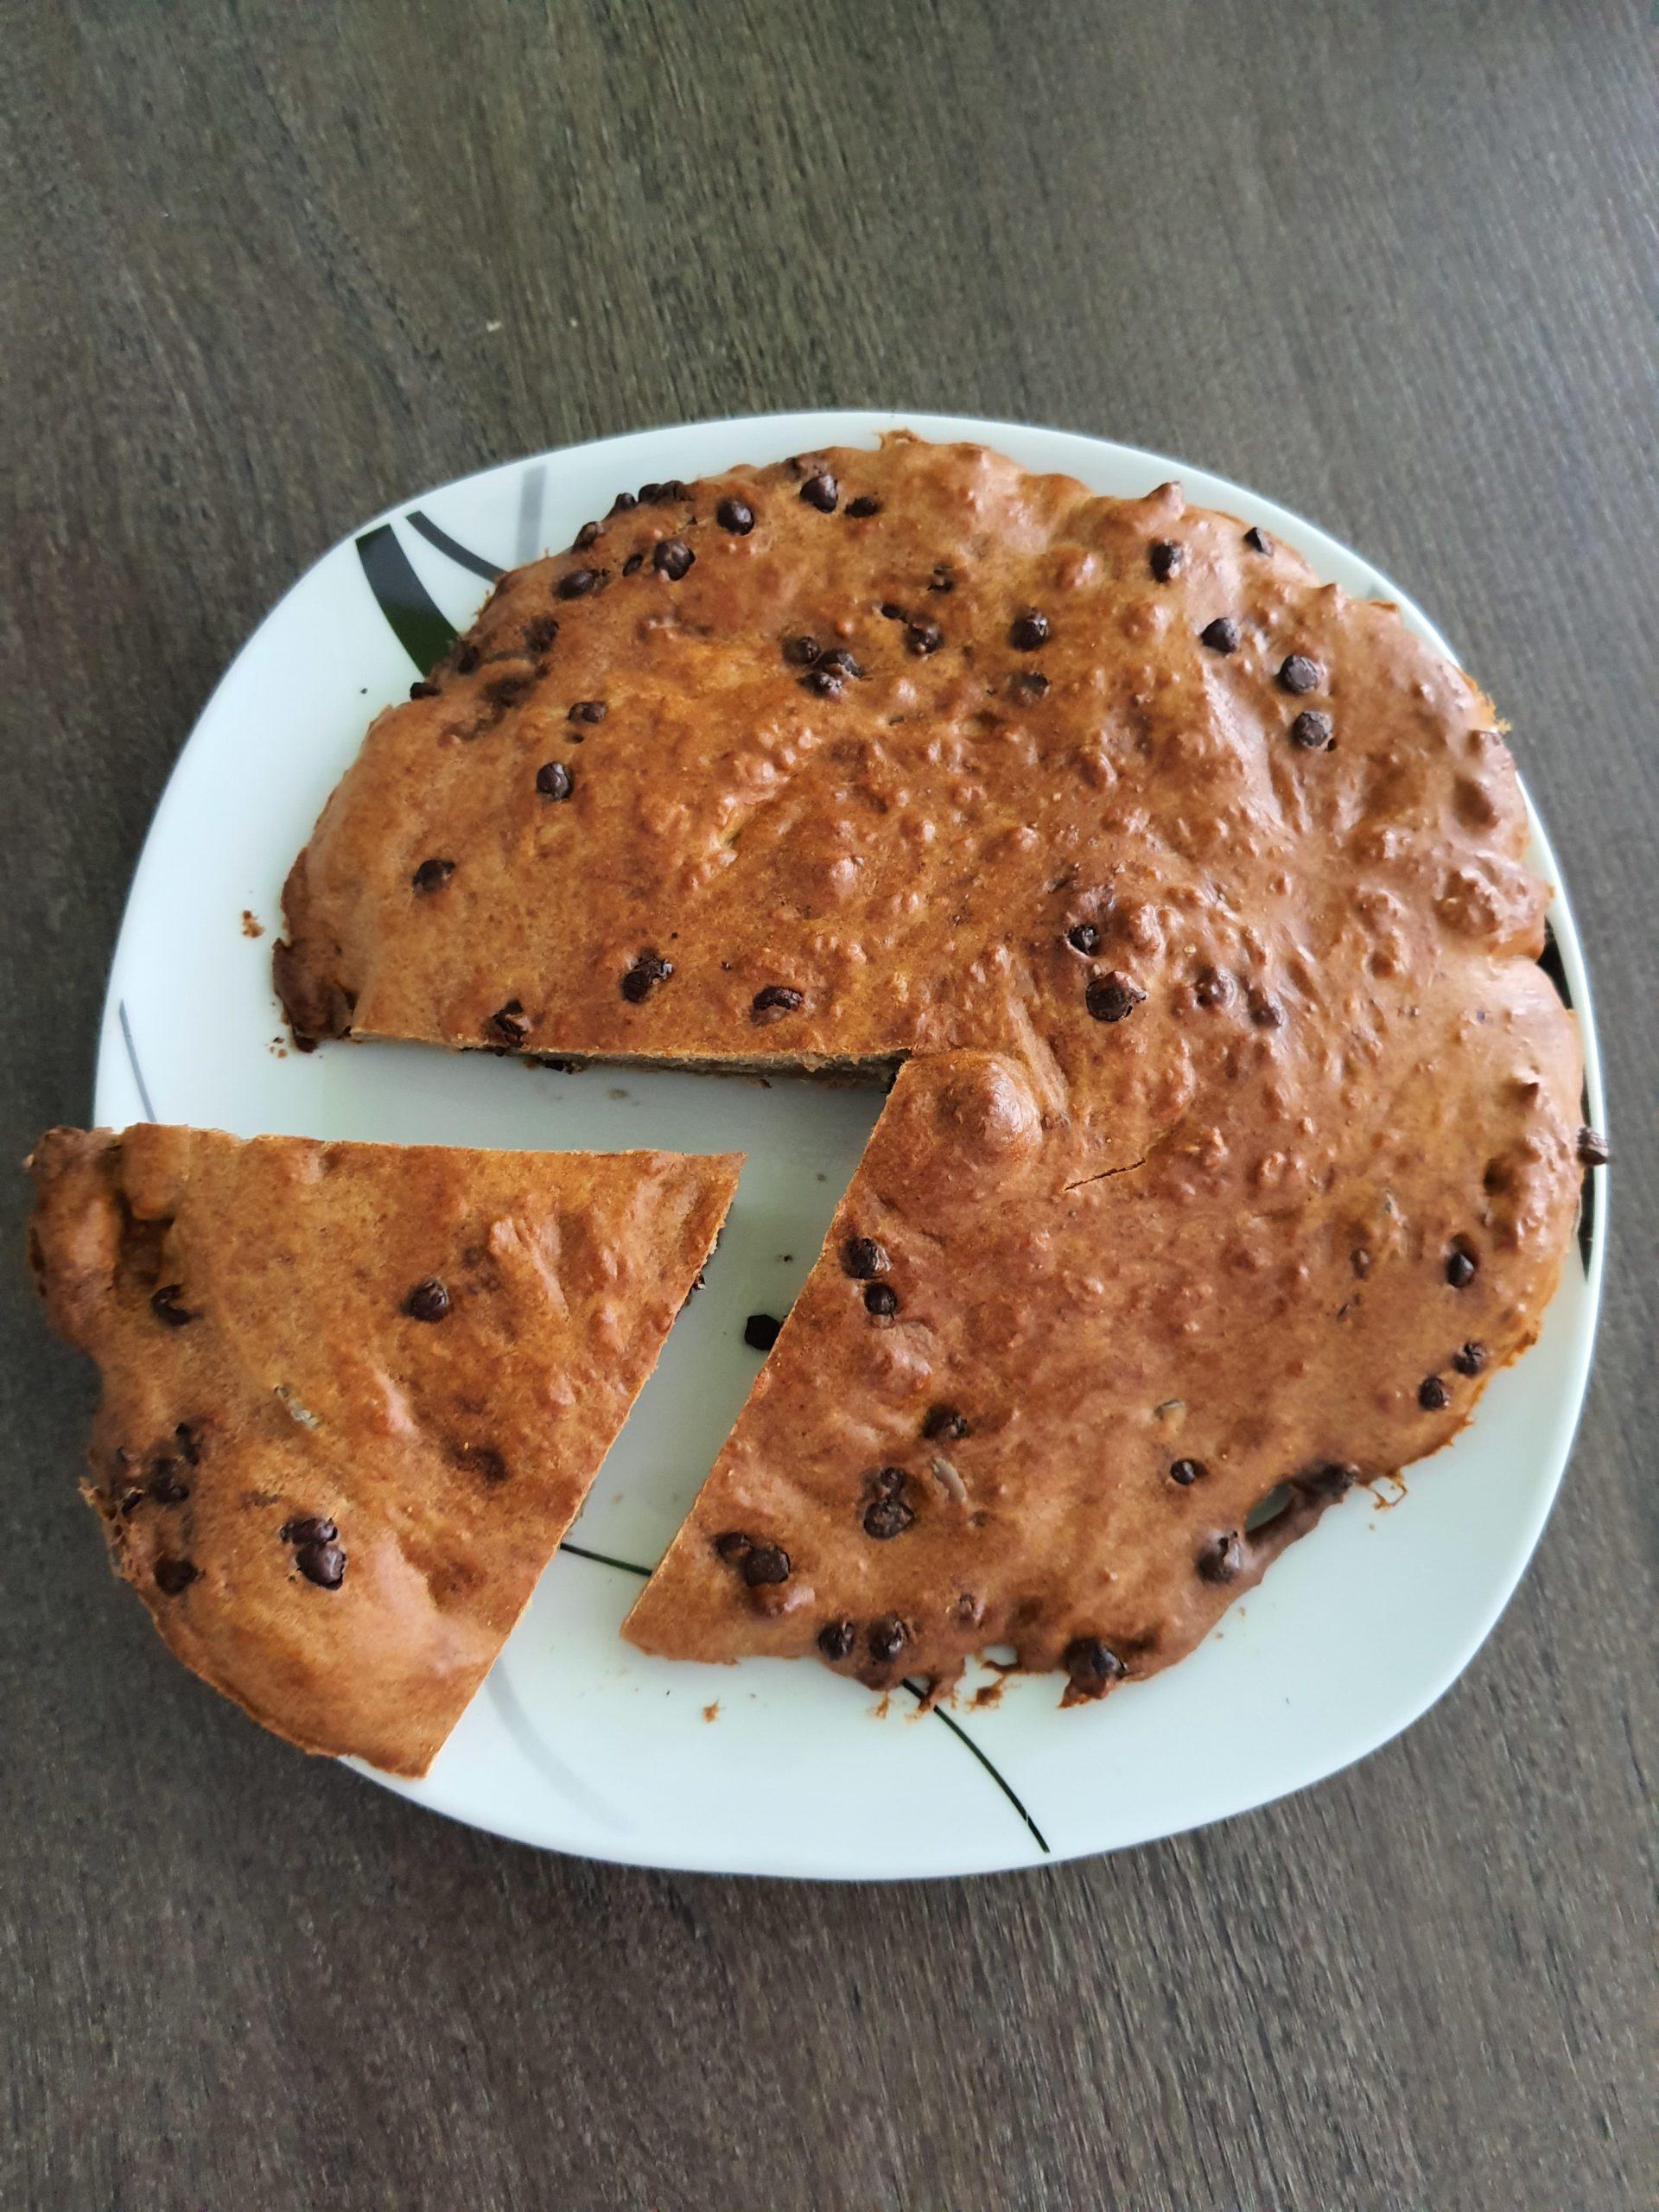 Recette délicieuse et super originale de gâteau sain pour le goûter